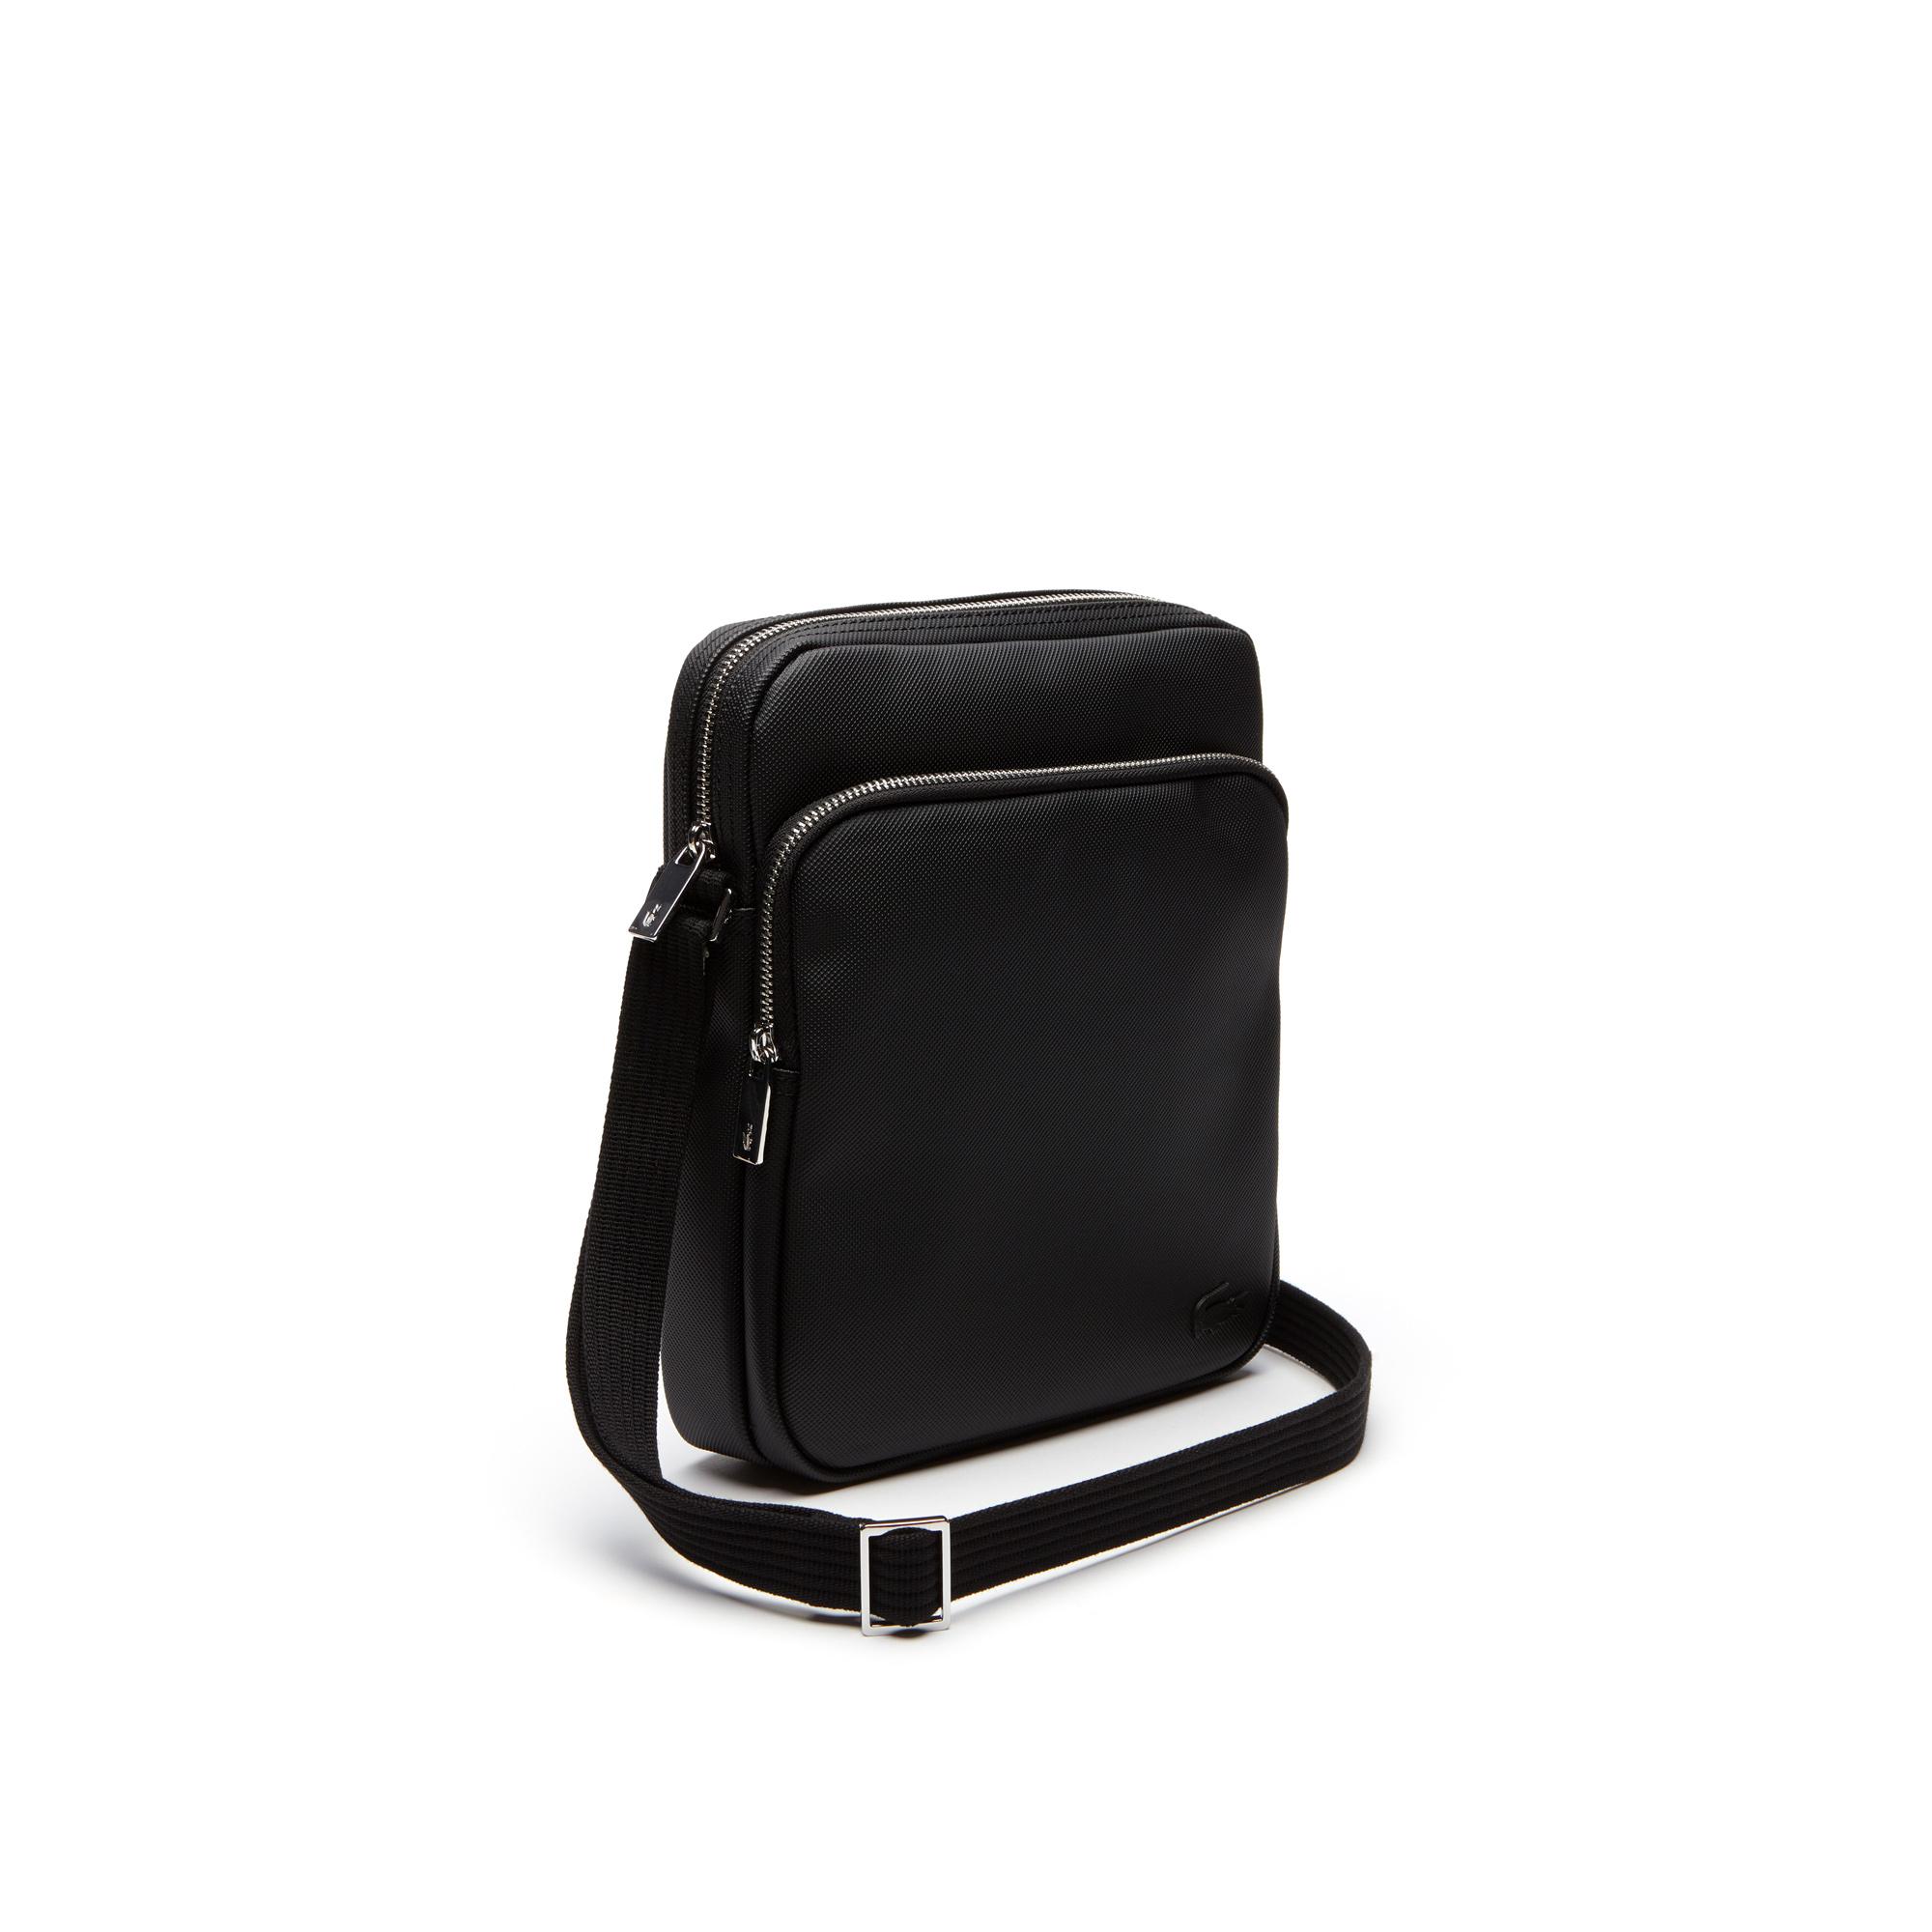 Сумка LacosteСумки и кошельки<br>Детали: мужская сумка с плечевым ремнем  \ Материал: 100% ПВХ \ Страна производства: Китай